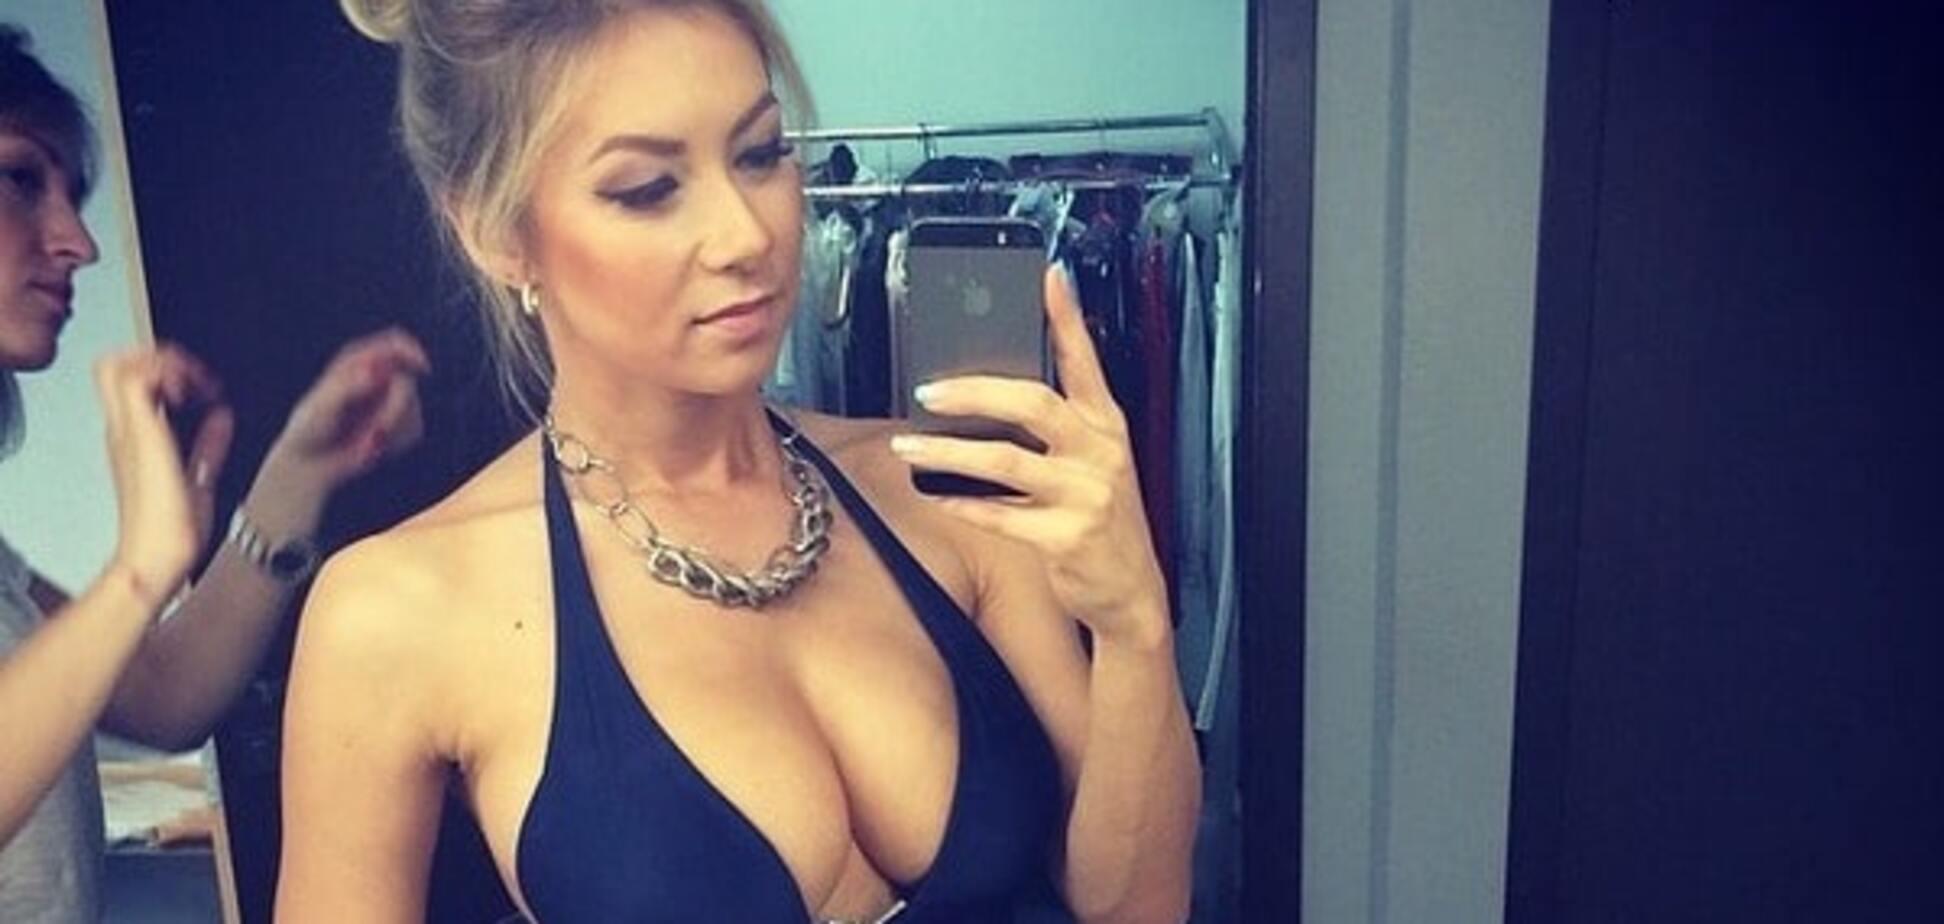 Ведущей Евро-2016 на канале 'Футбол' назначена сексуальная модель: фото красотки